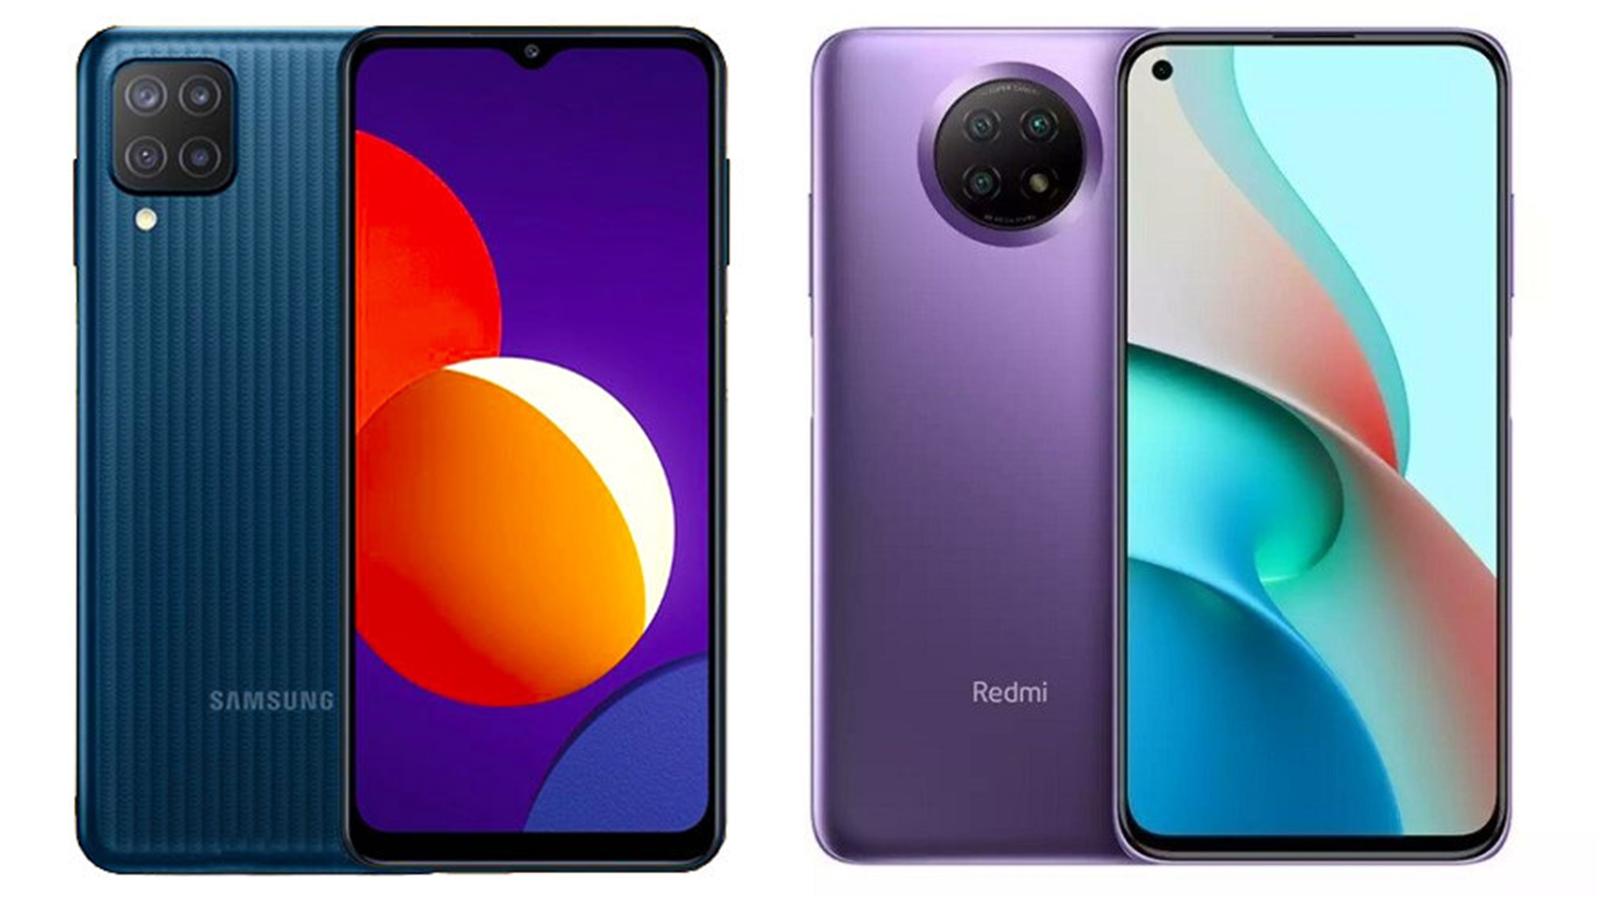 【手機專知】三星Galaxy M12跟小米紅米Note 9T的不同差異為何?消費者該怎麼選擇?